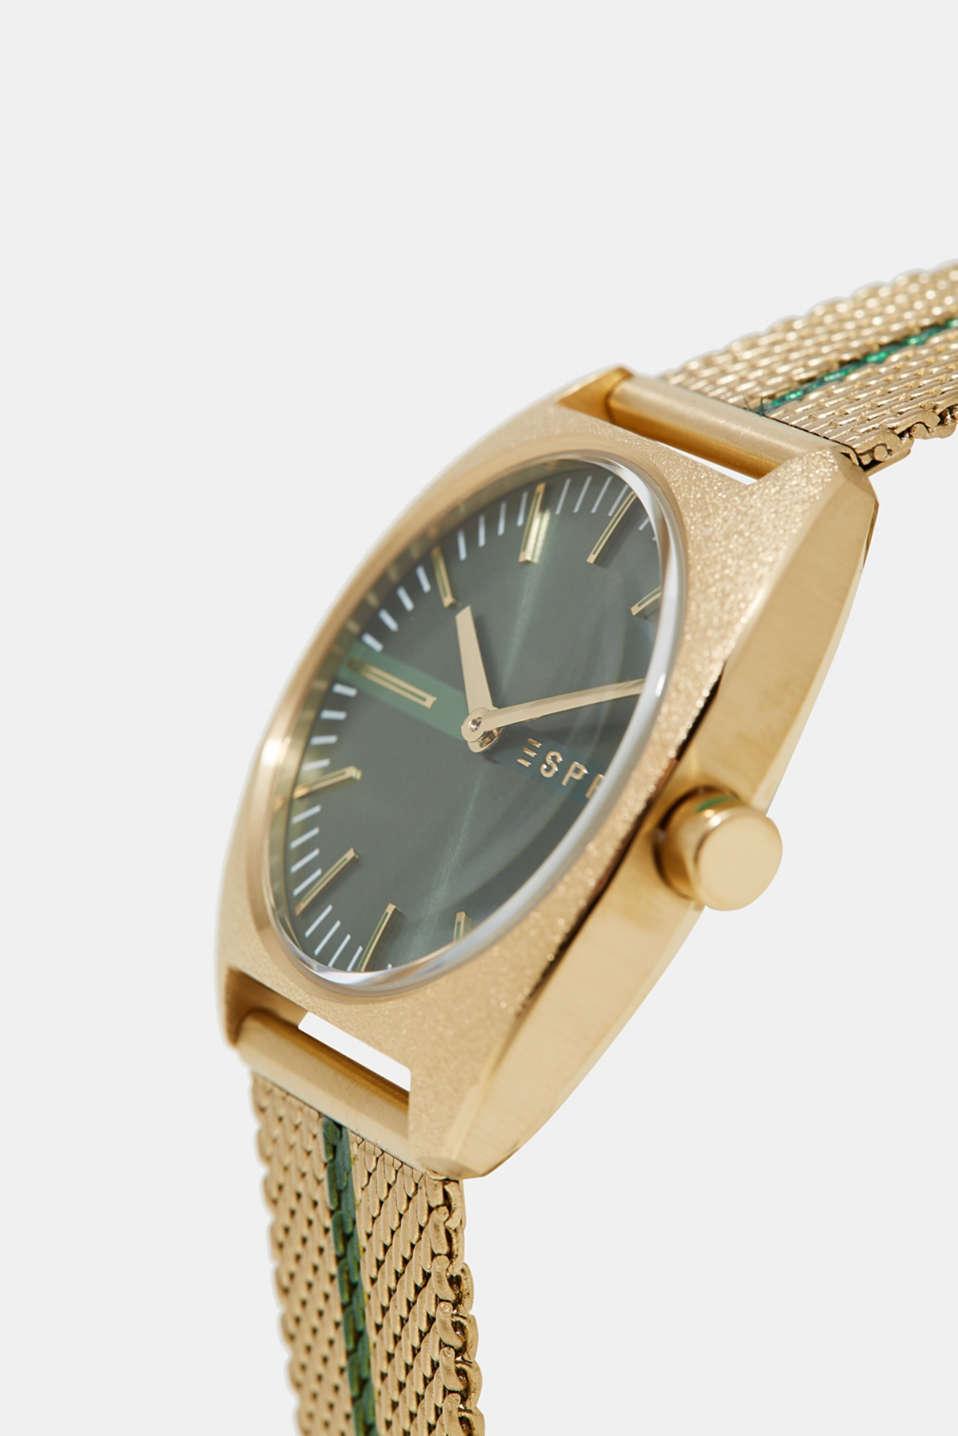 esprit montre bracelet milanais en acier inox acheter sur la boutique en ligne. Black Bedroom Furniture Sets. Home Design Ideas